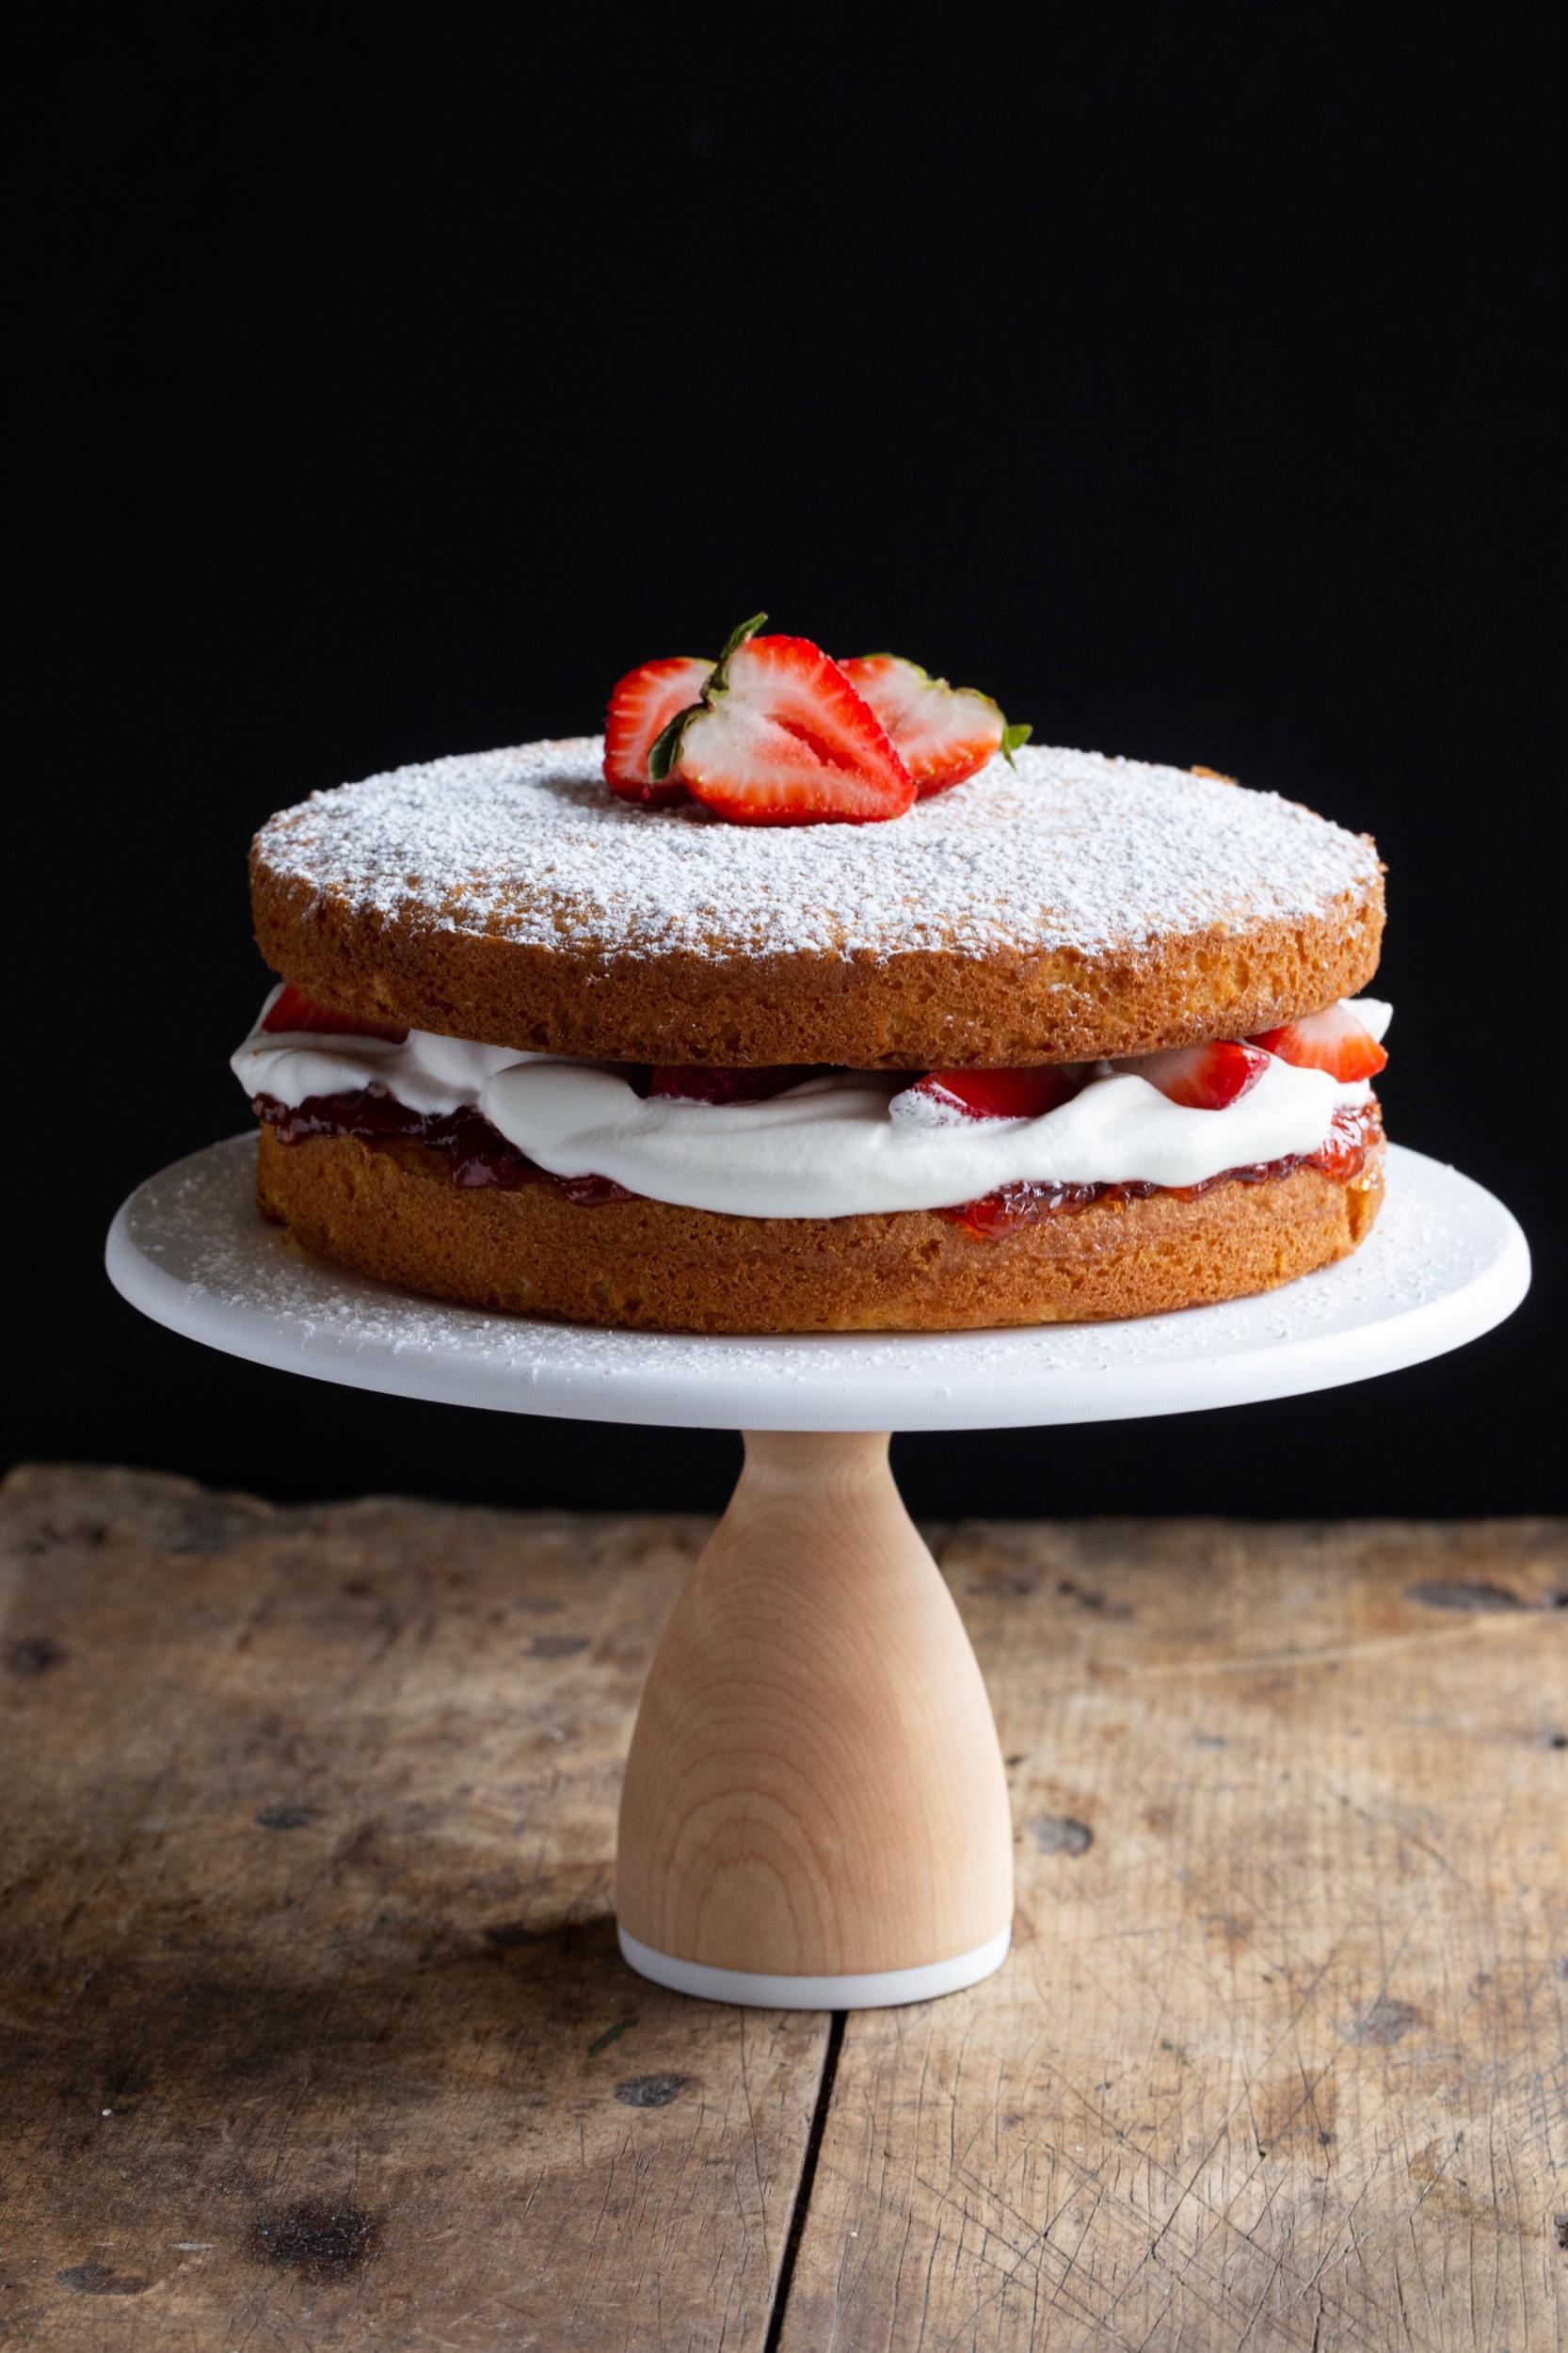 Victoria Sponge Cake The Vivid Kitchen